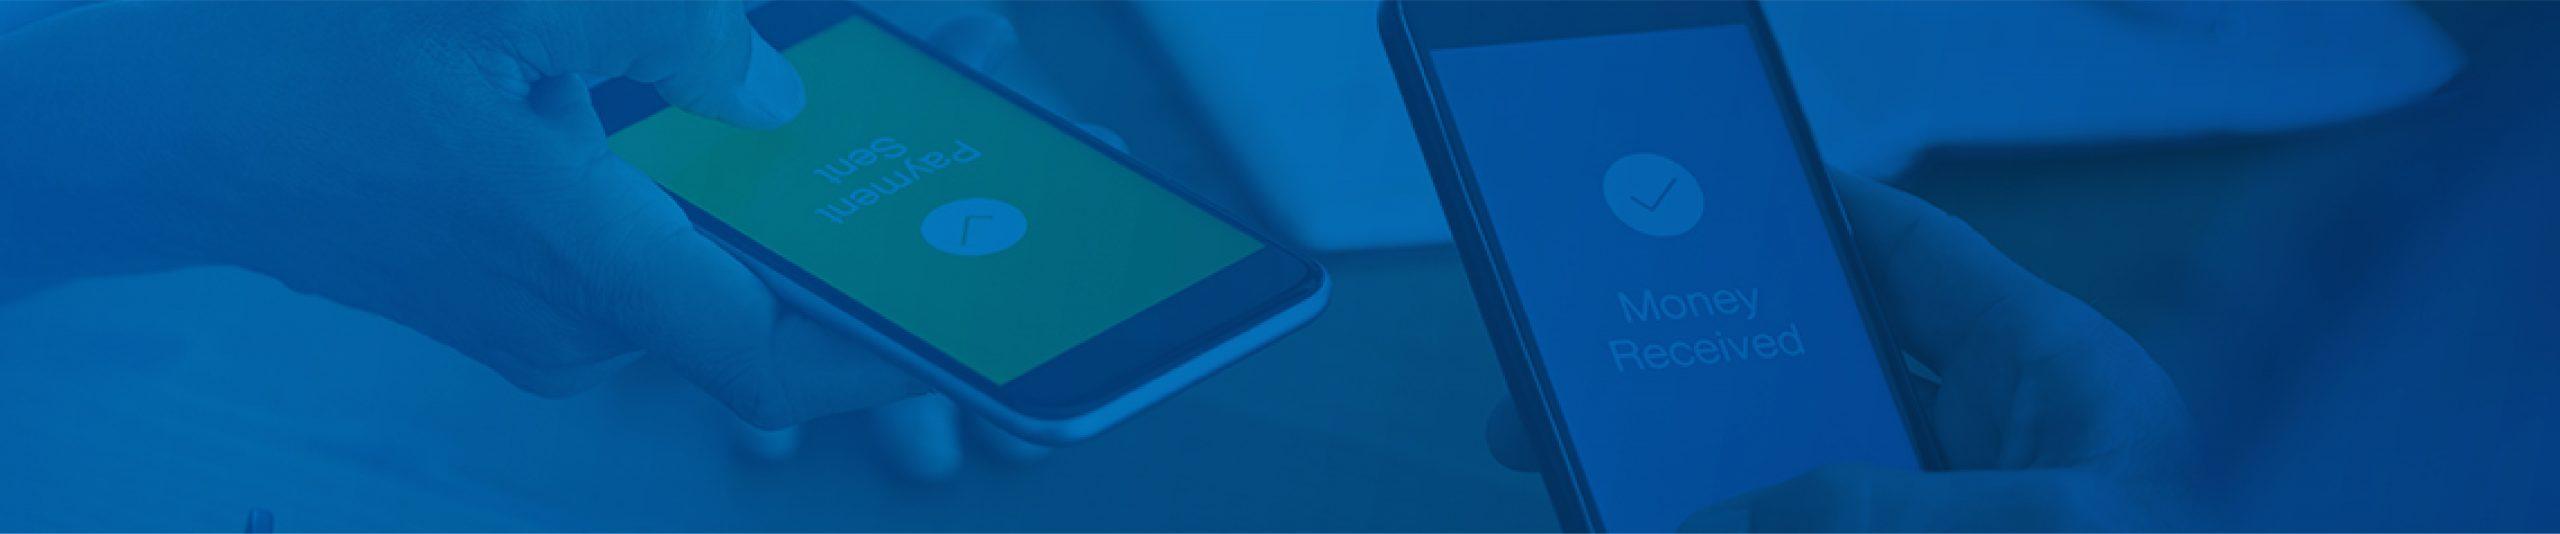 Mobile Money Platform header image